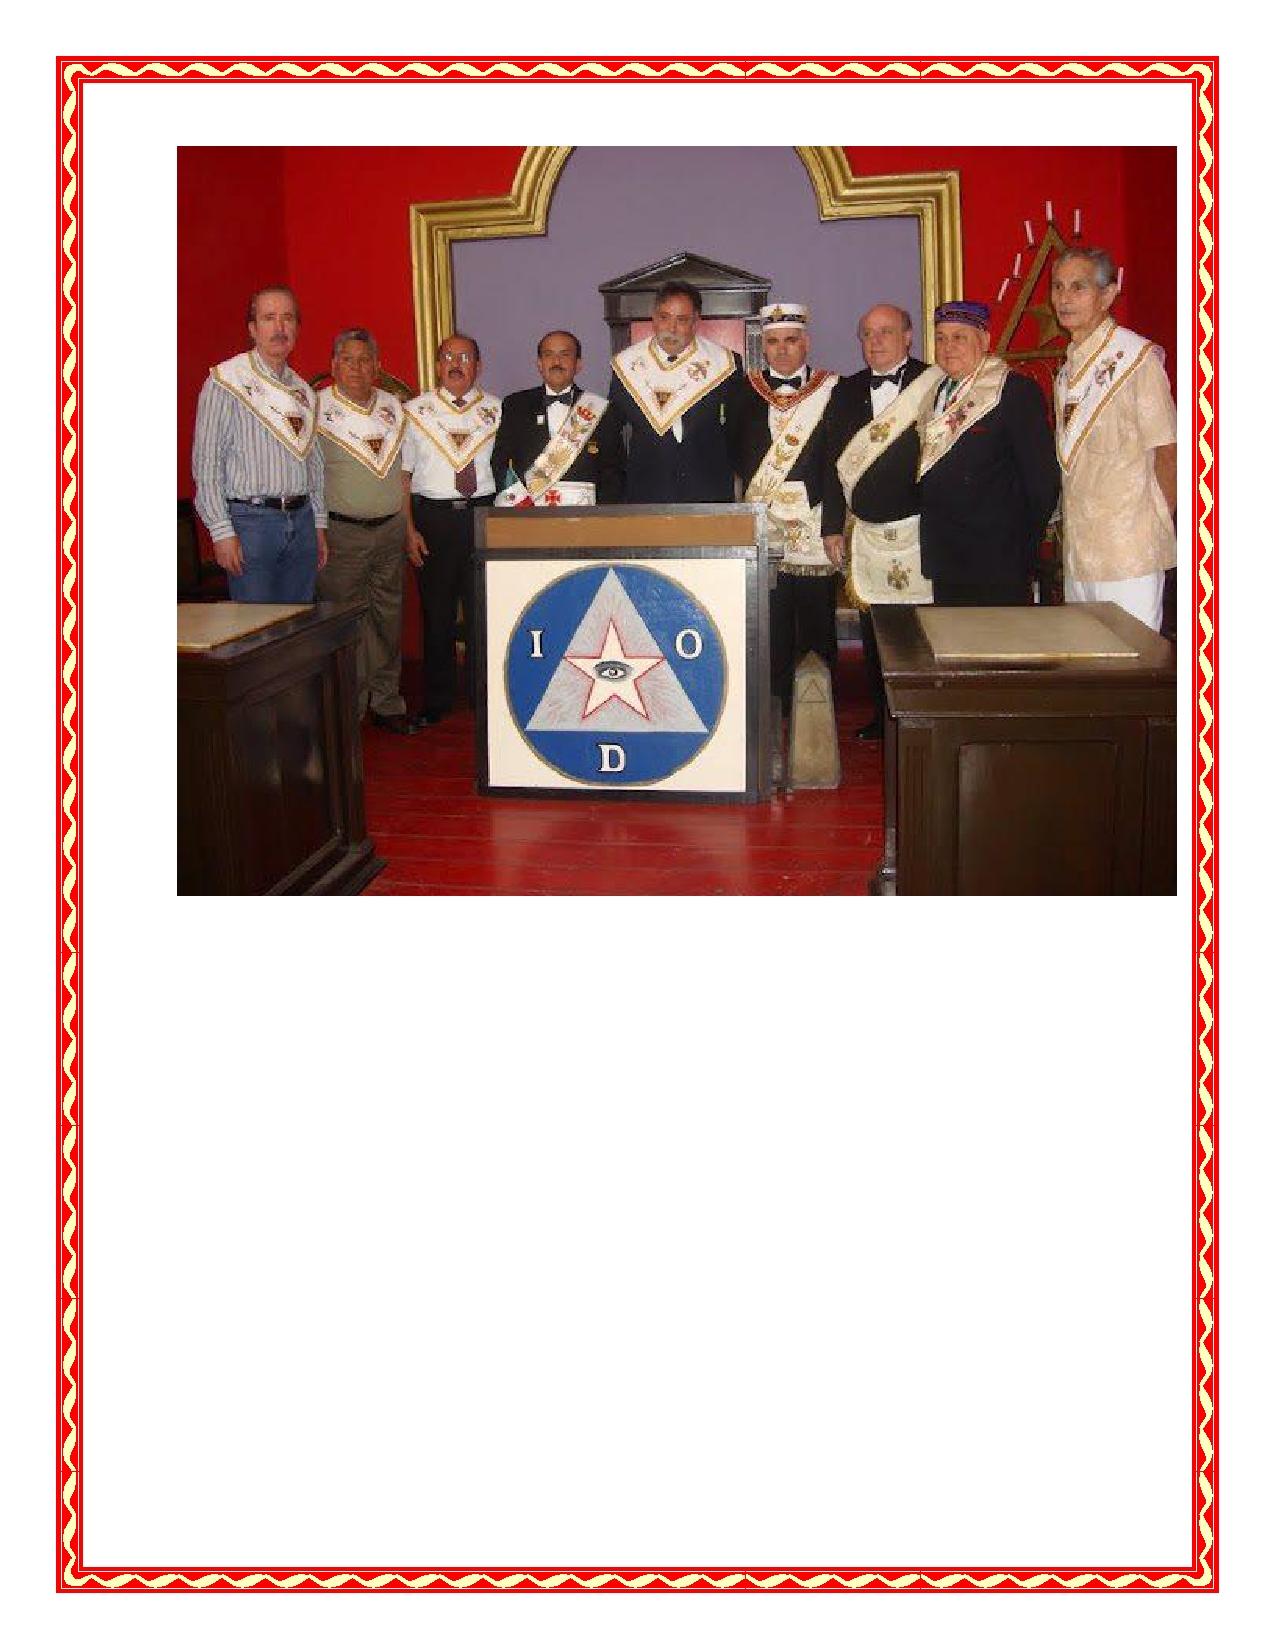 PRESENTACION  DE CONSEJO SUPREMO para pdf-page0016